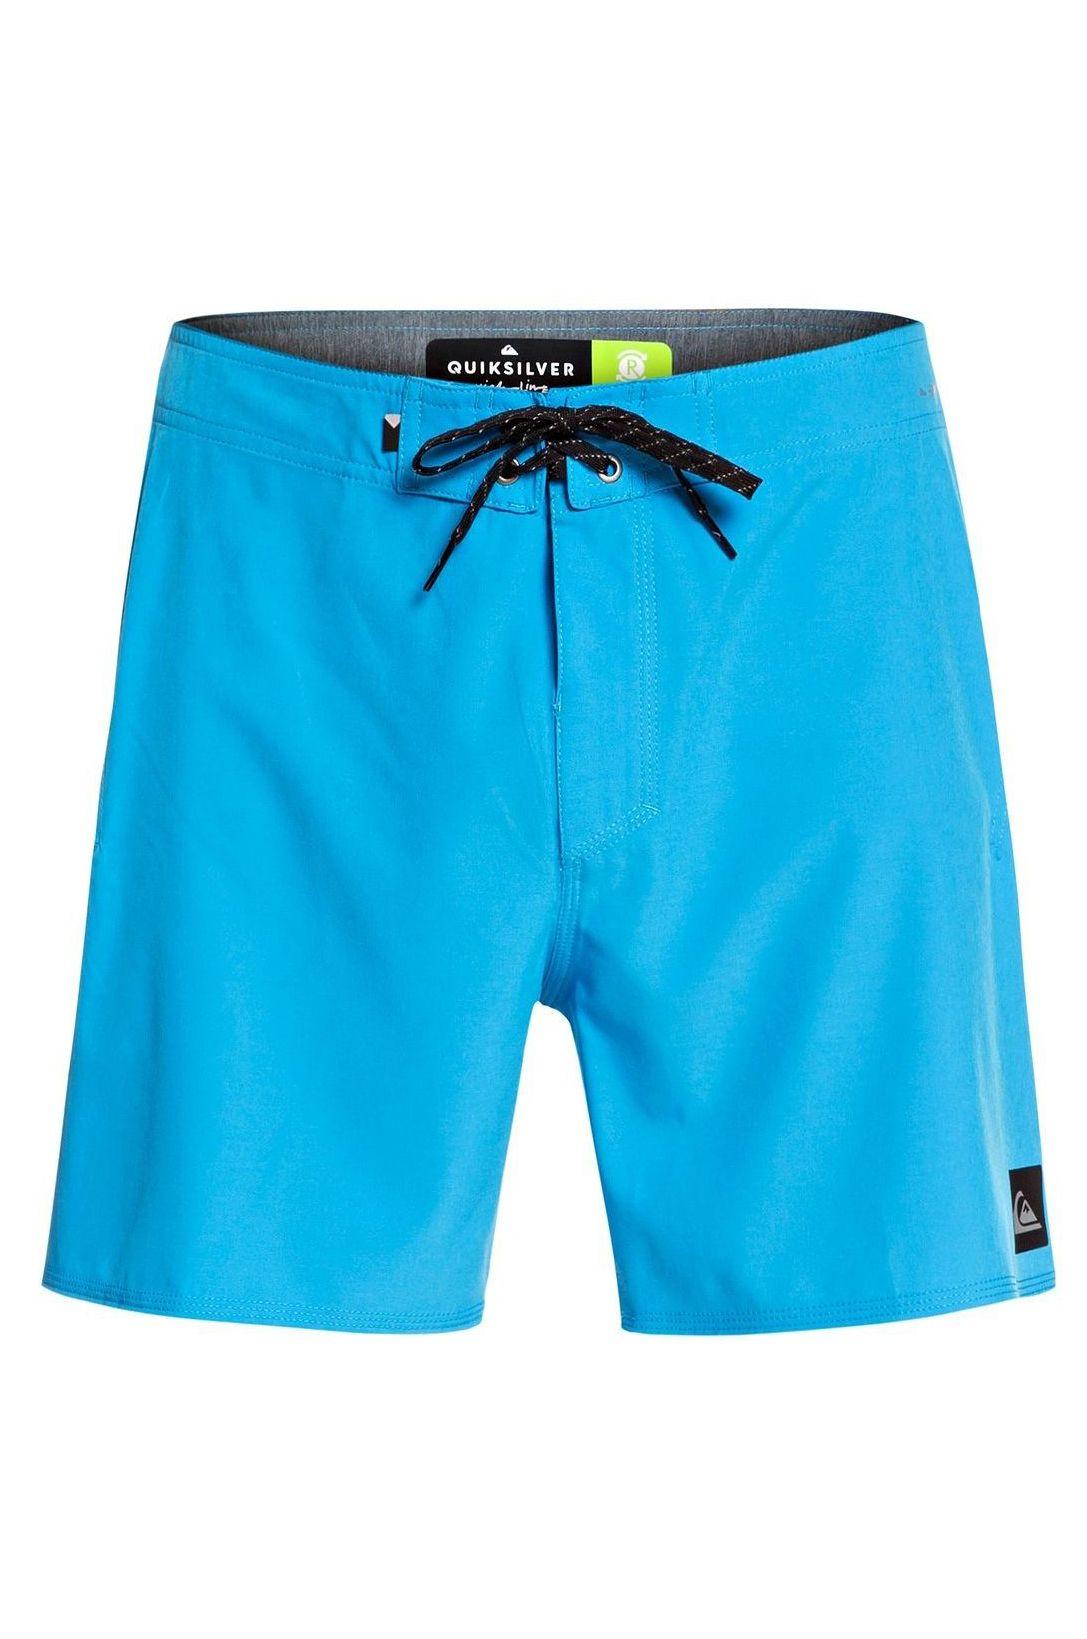 """Boardshorts Quiksilver HIGHLINE KAIMANA 16"""" Malibu Blue"""